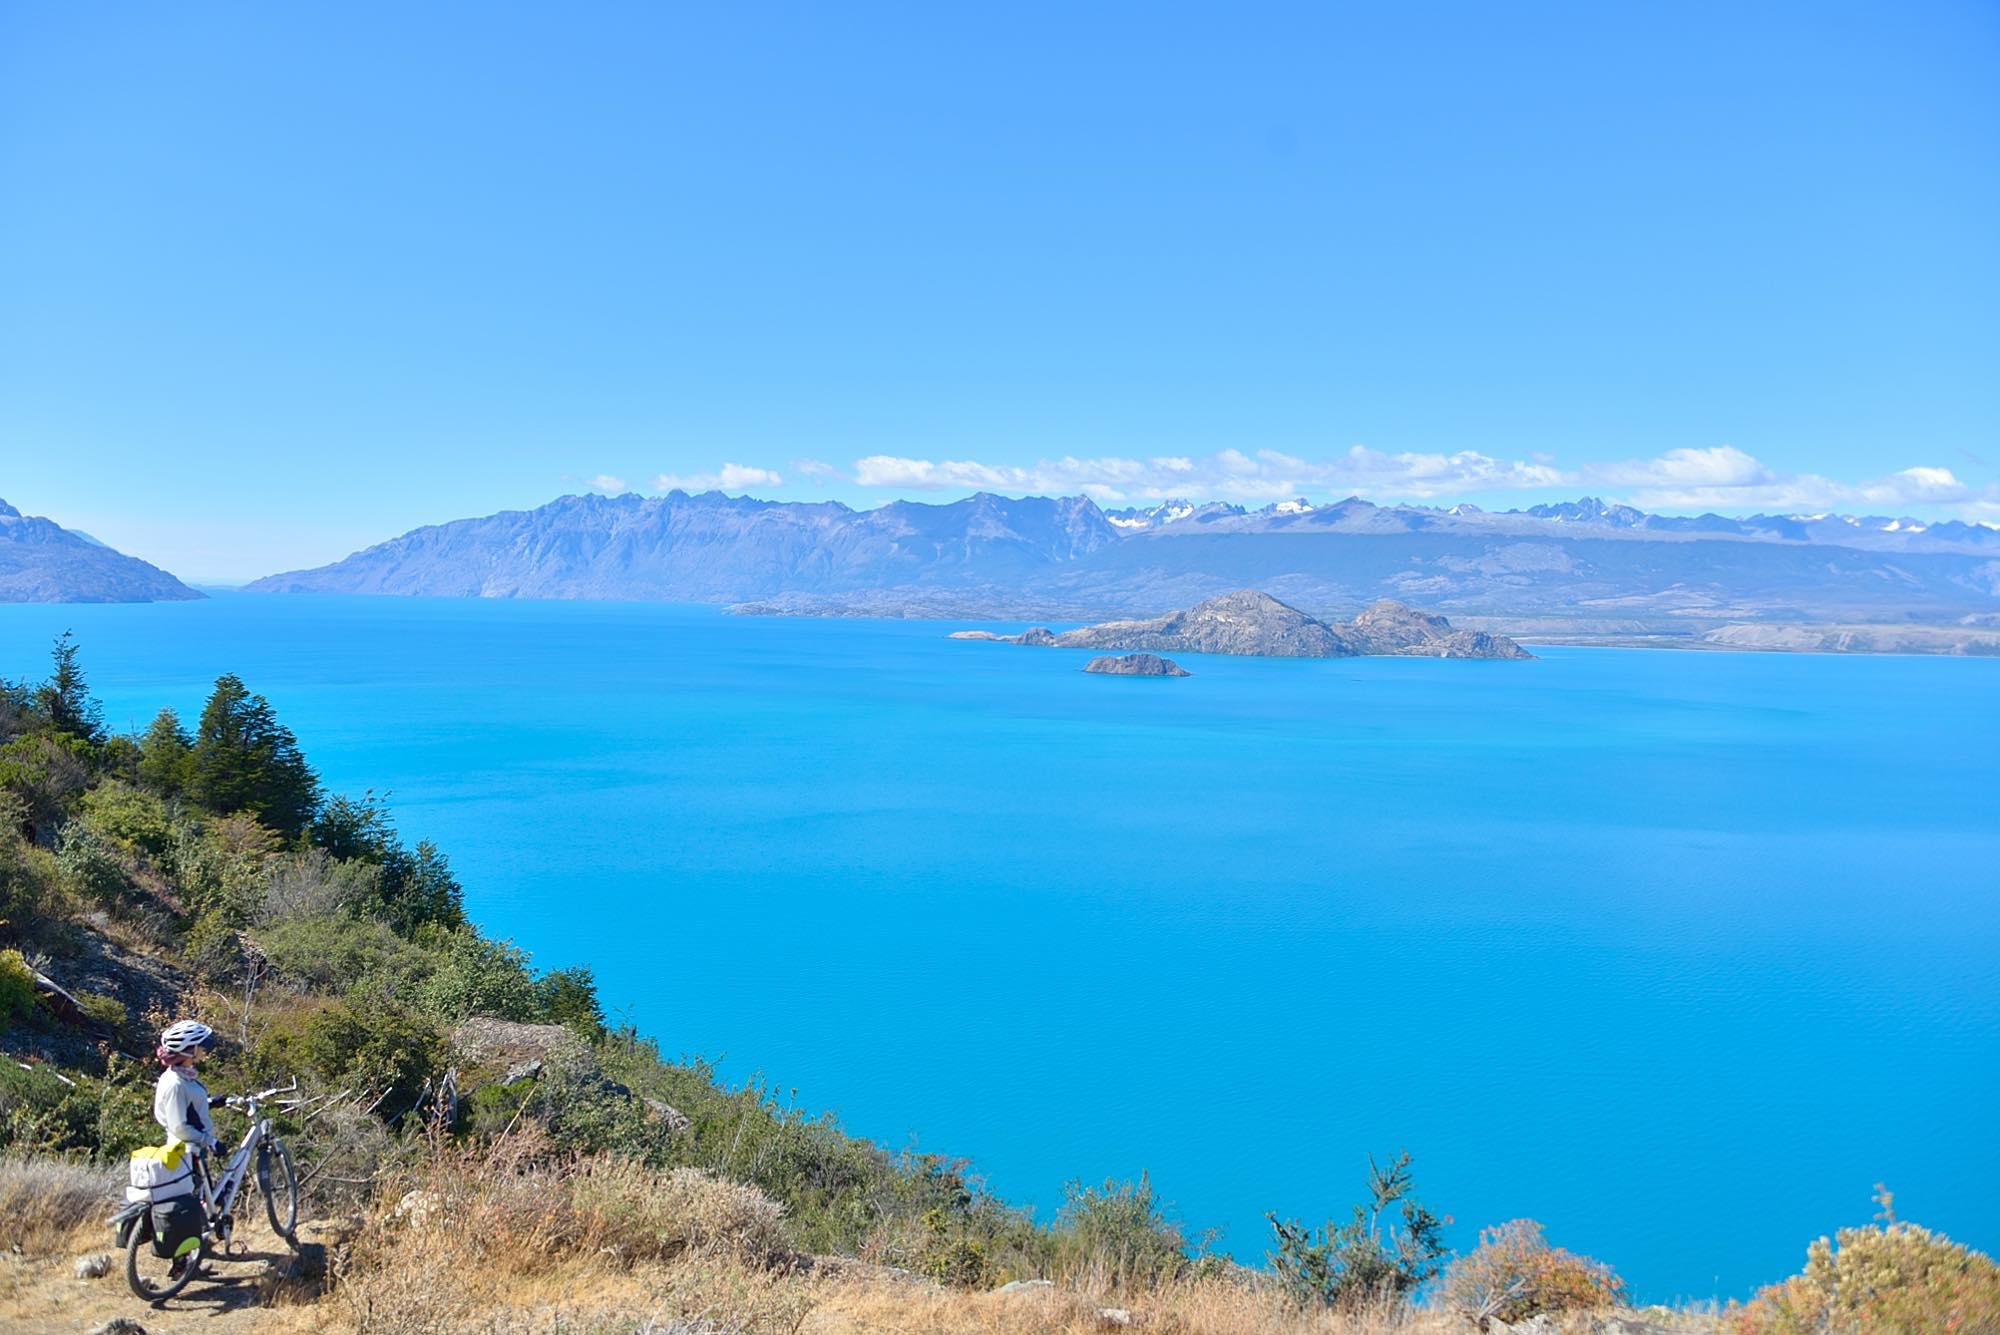 晴れ渡った空と青い湖。境界線がわからなくなるほどです。